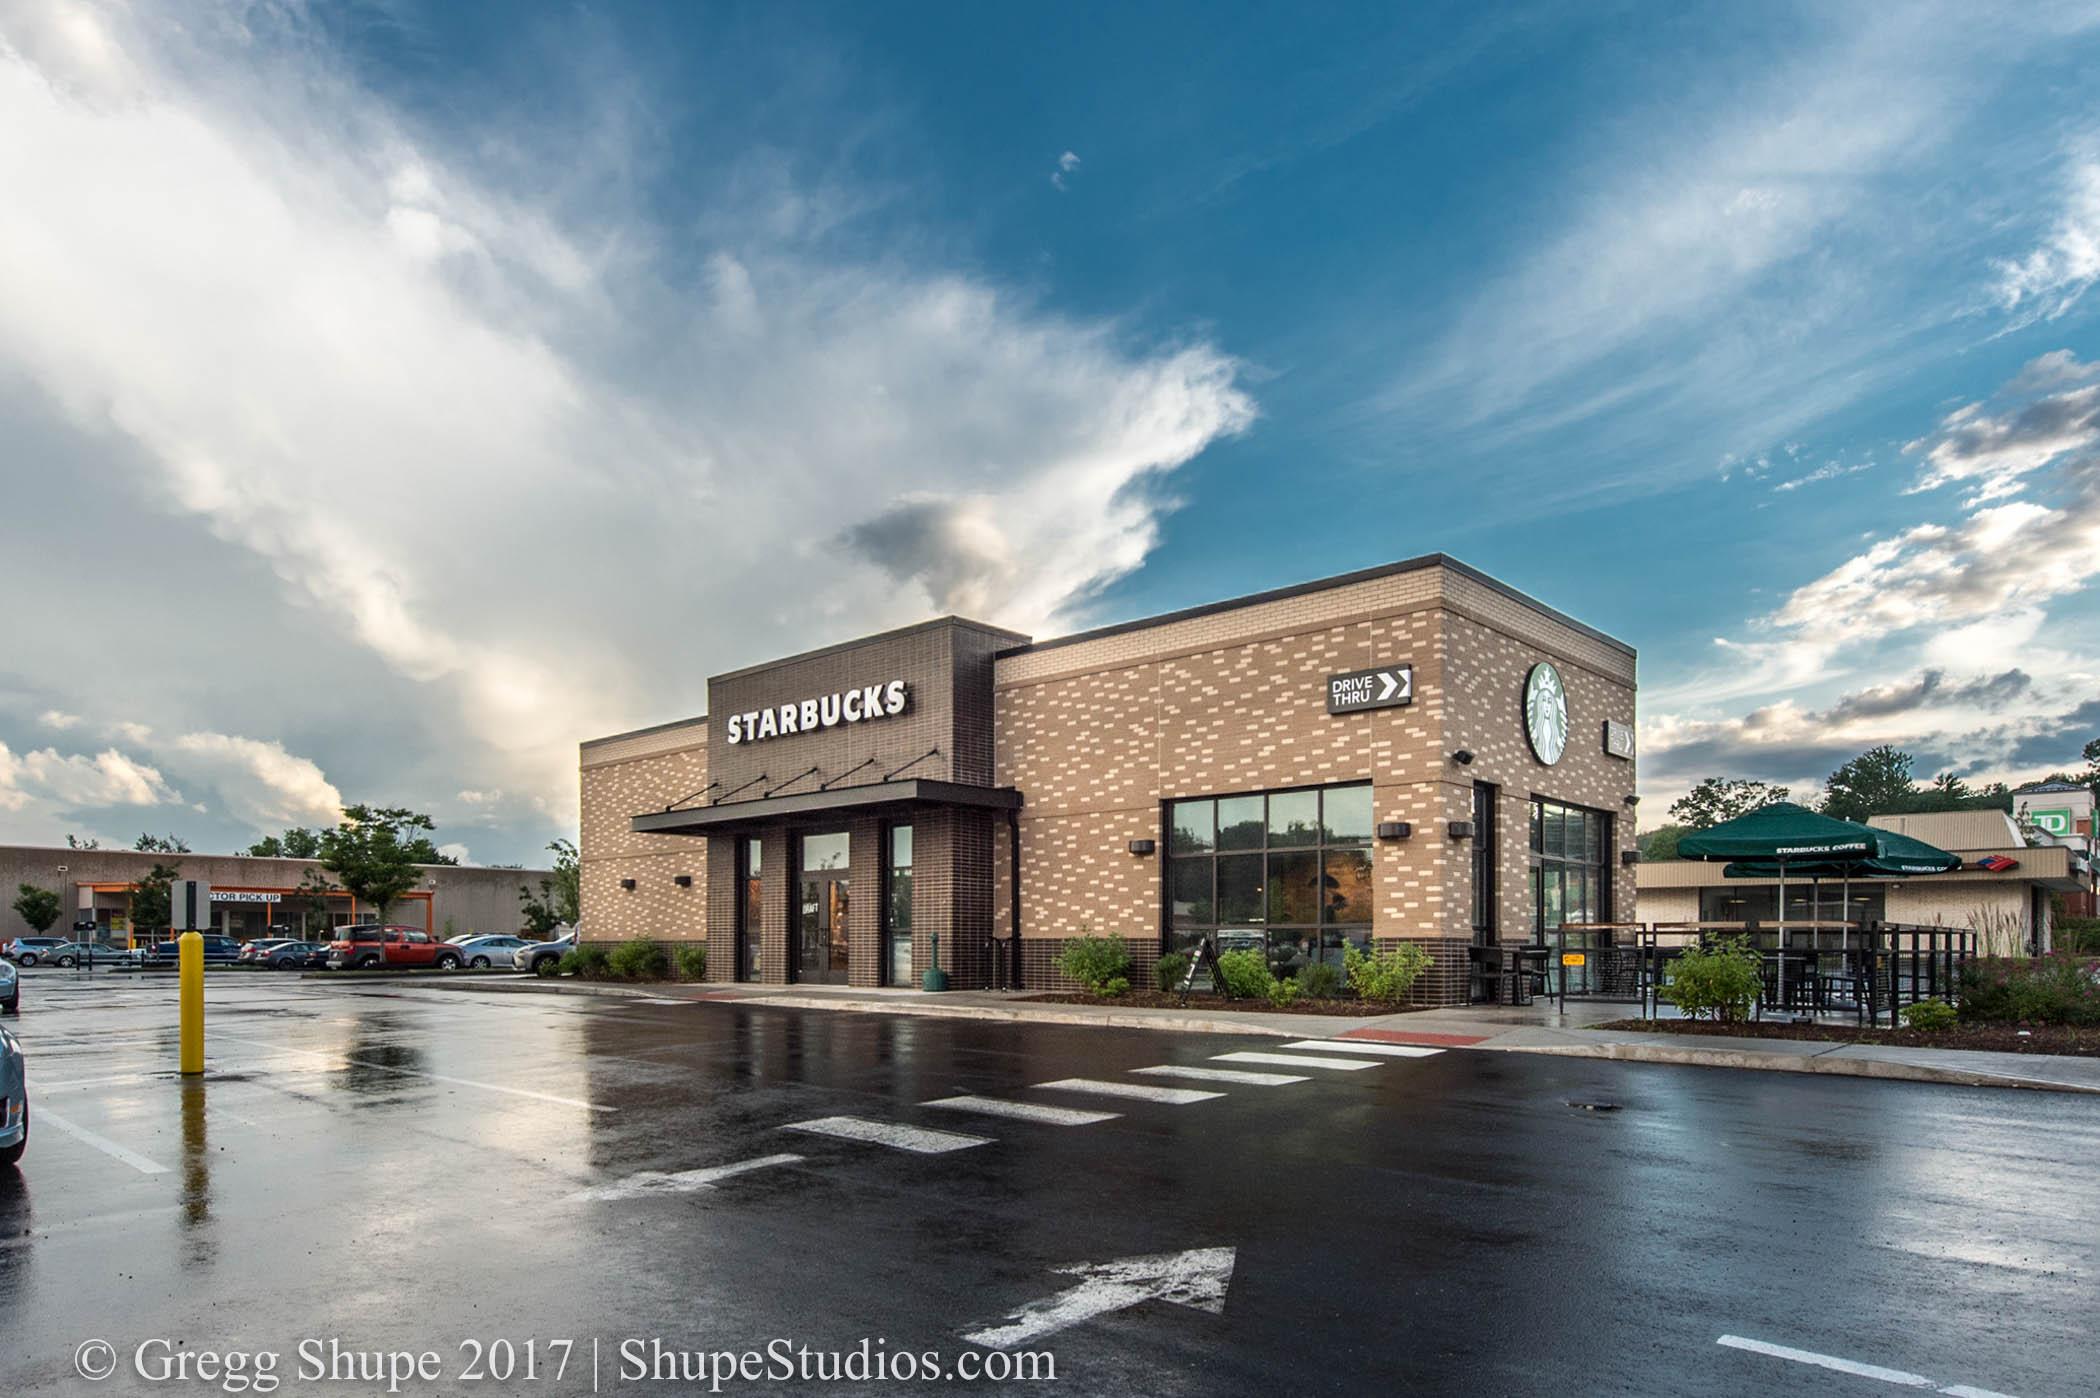 018_170627_Starbucks_Middletown_CT-2.jpg